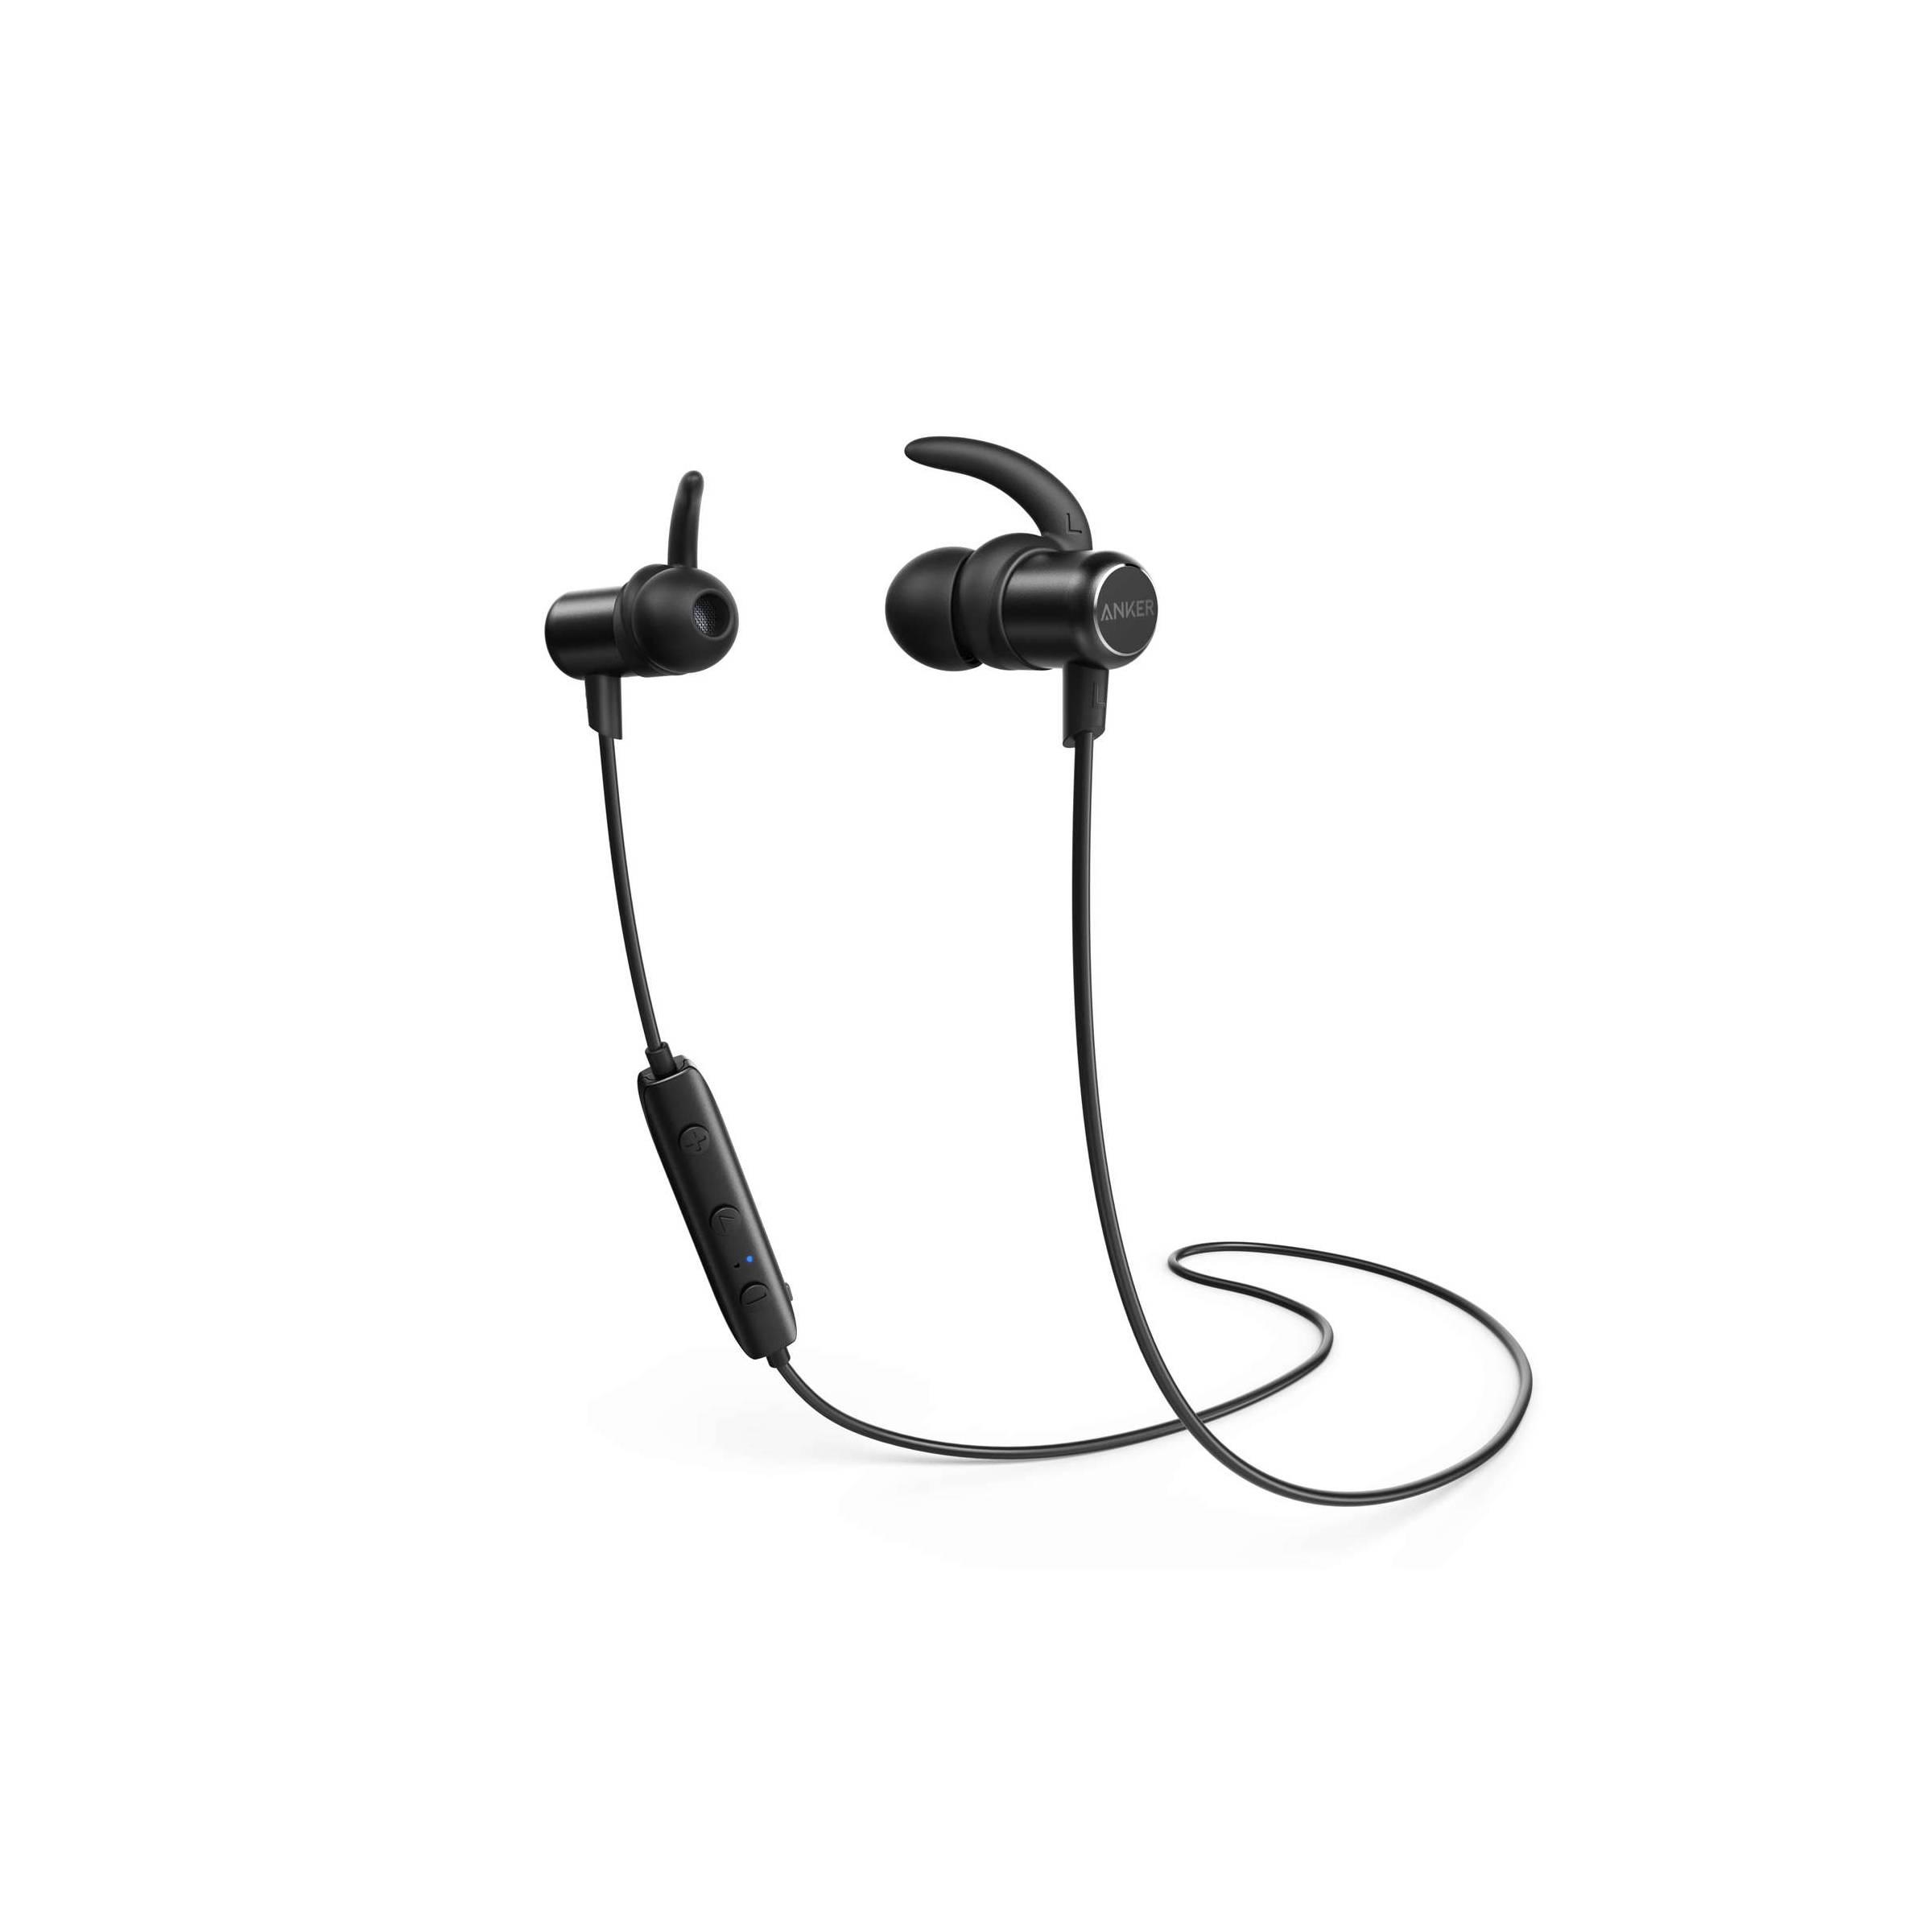 anker Anker soundbuds slim bluetooth sort in ear headset til iphone osv på mackabler.dk